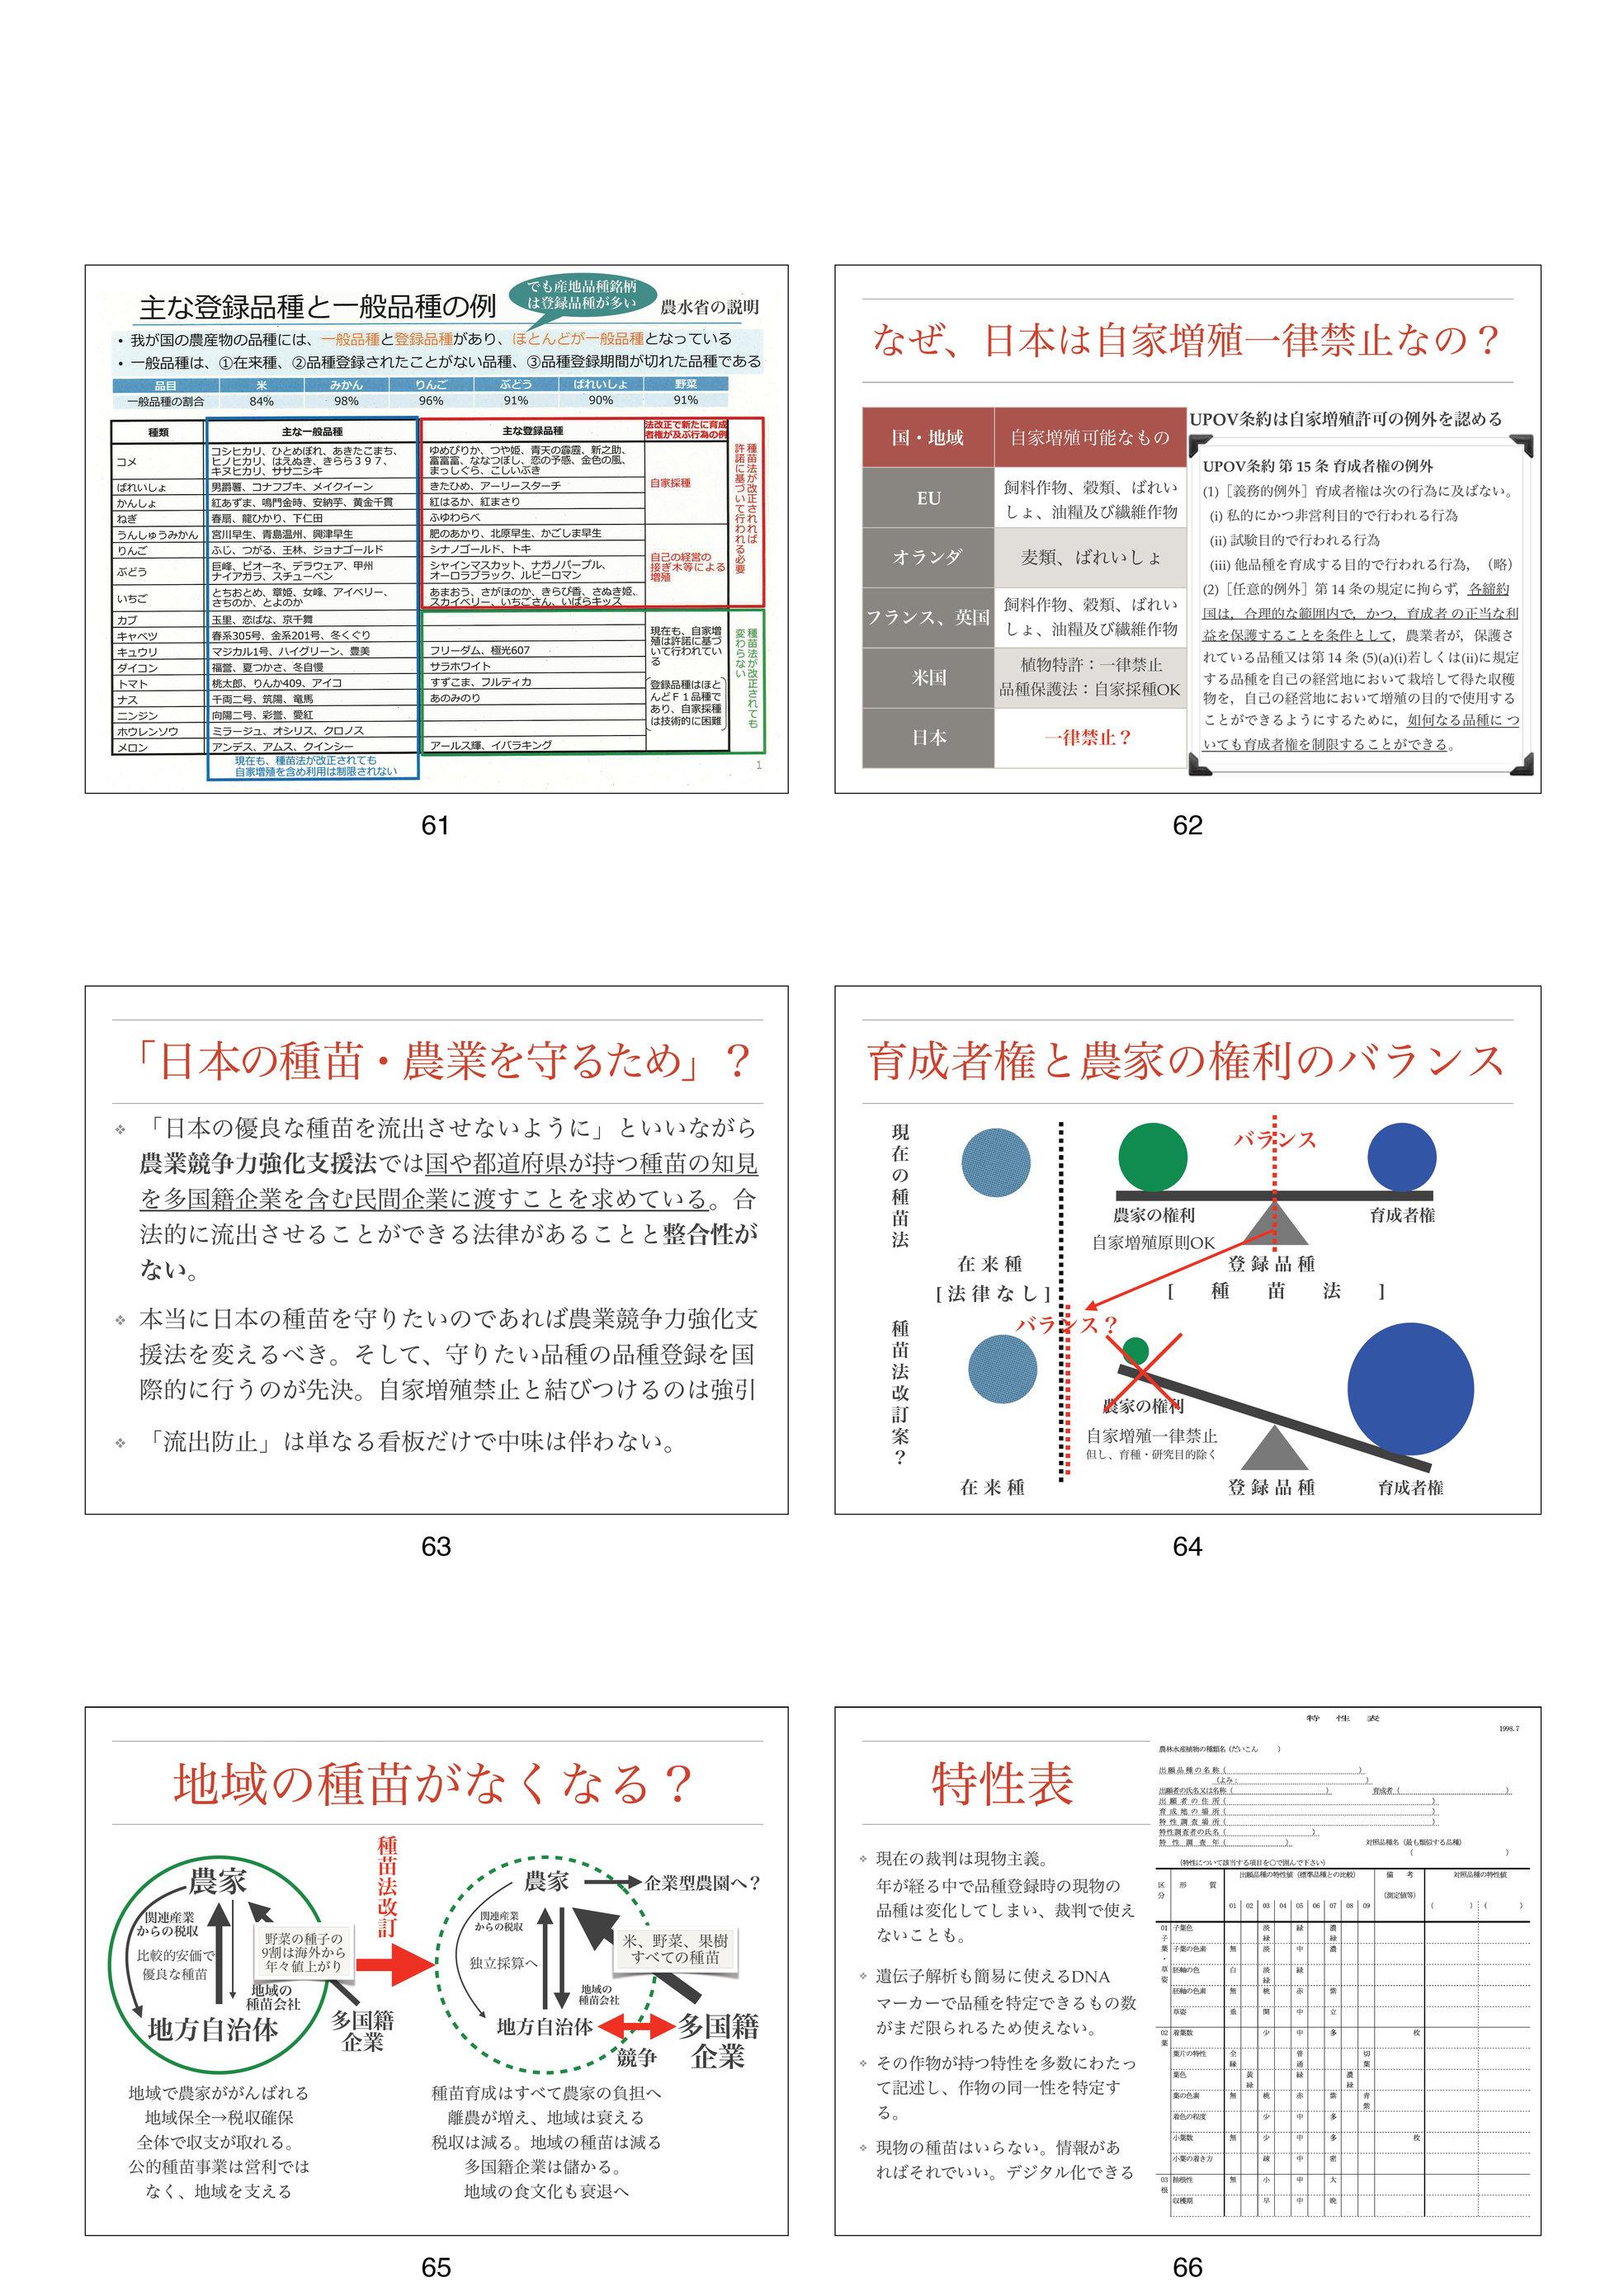 2020 0315宮古島勉強会_012